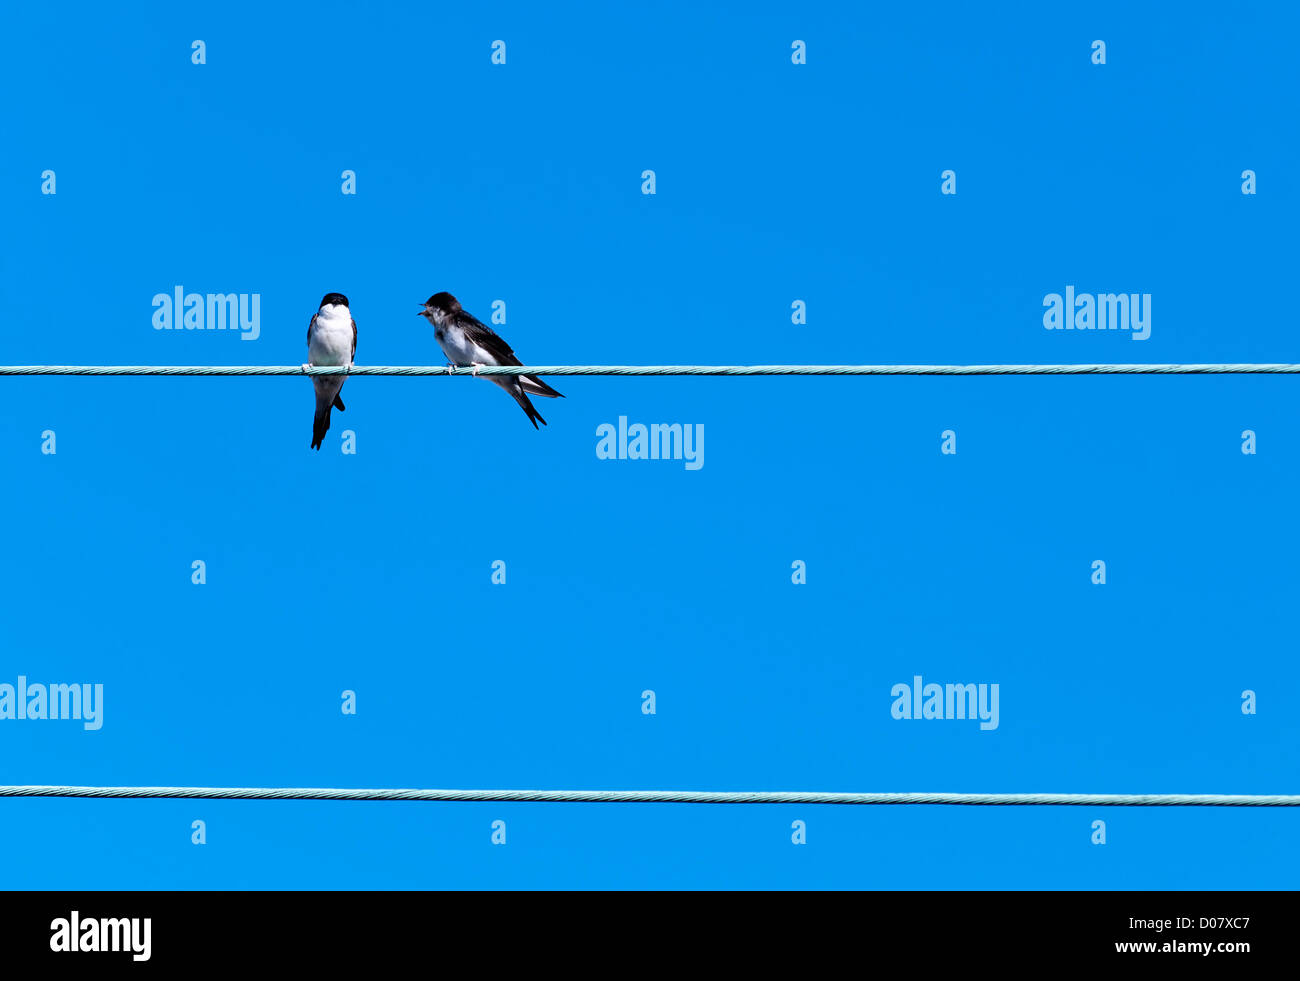 zwei Schwalben auf ein elektrisches Kabel Stockbild